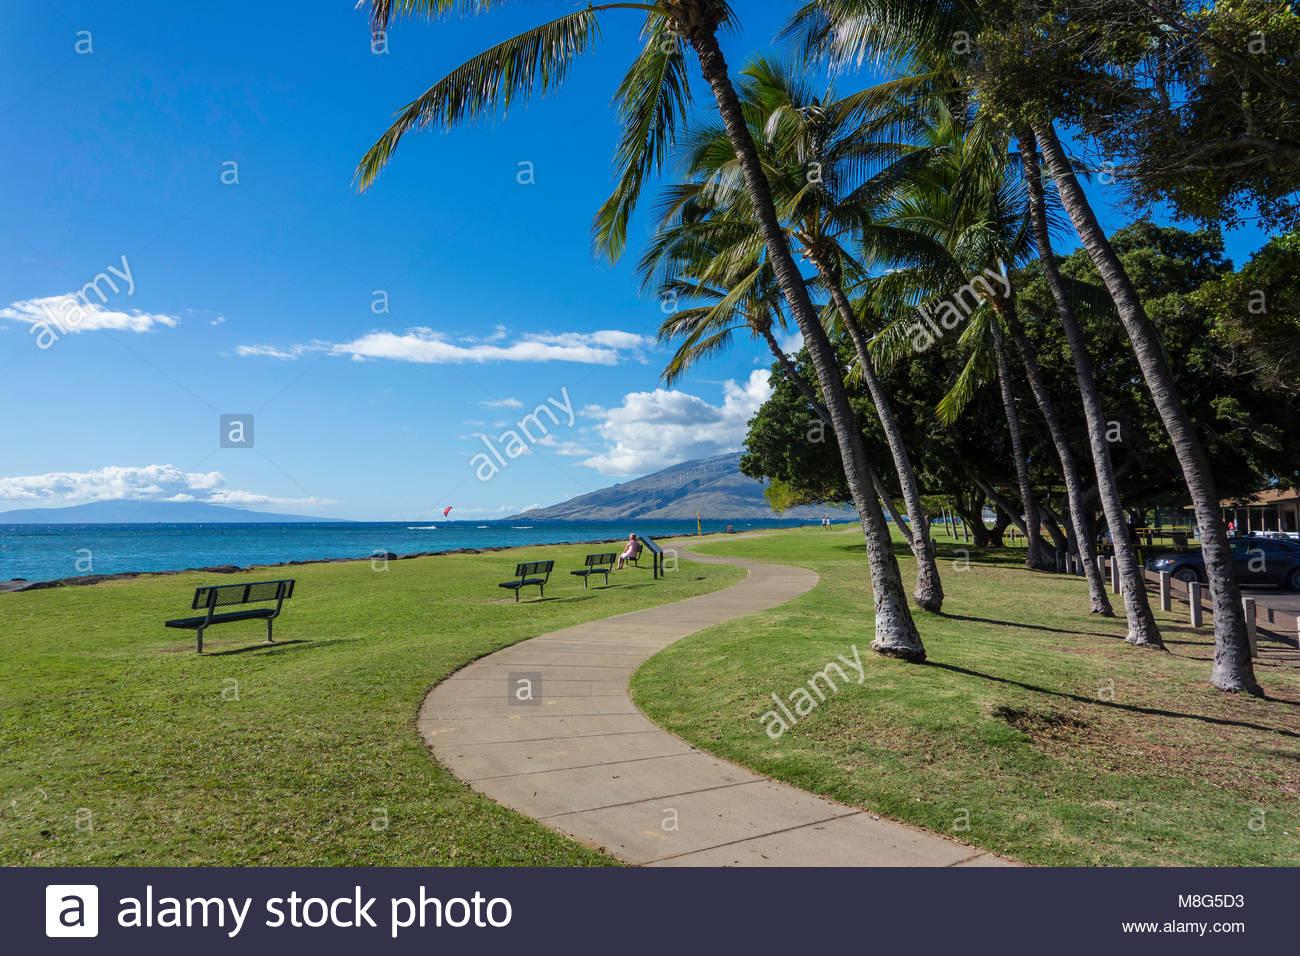 Palmiers bordent la promenade du front de mer de Kalama Park à Kihei île de Maui dans l'état Photo Stock